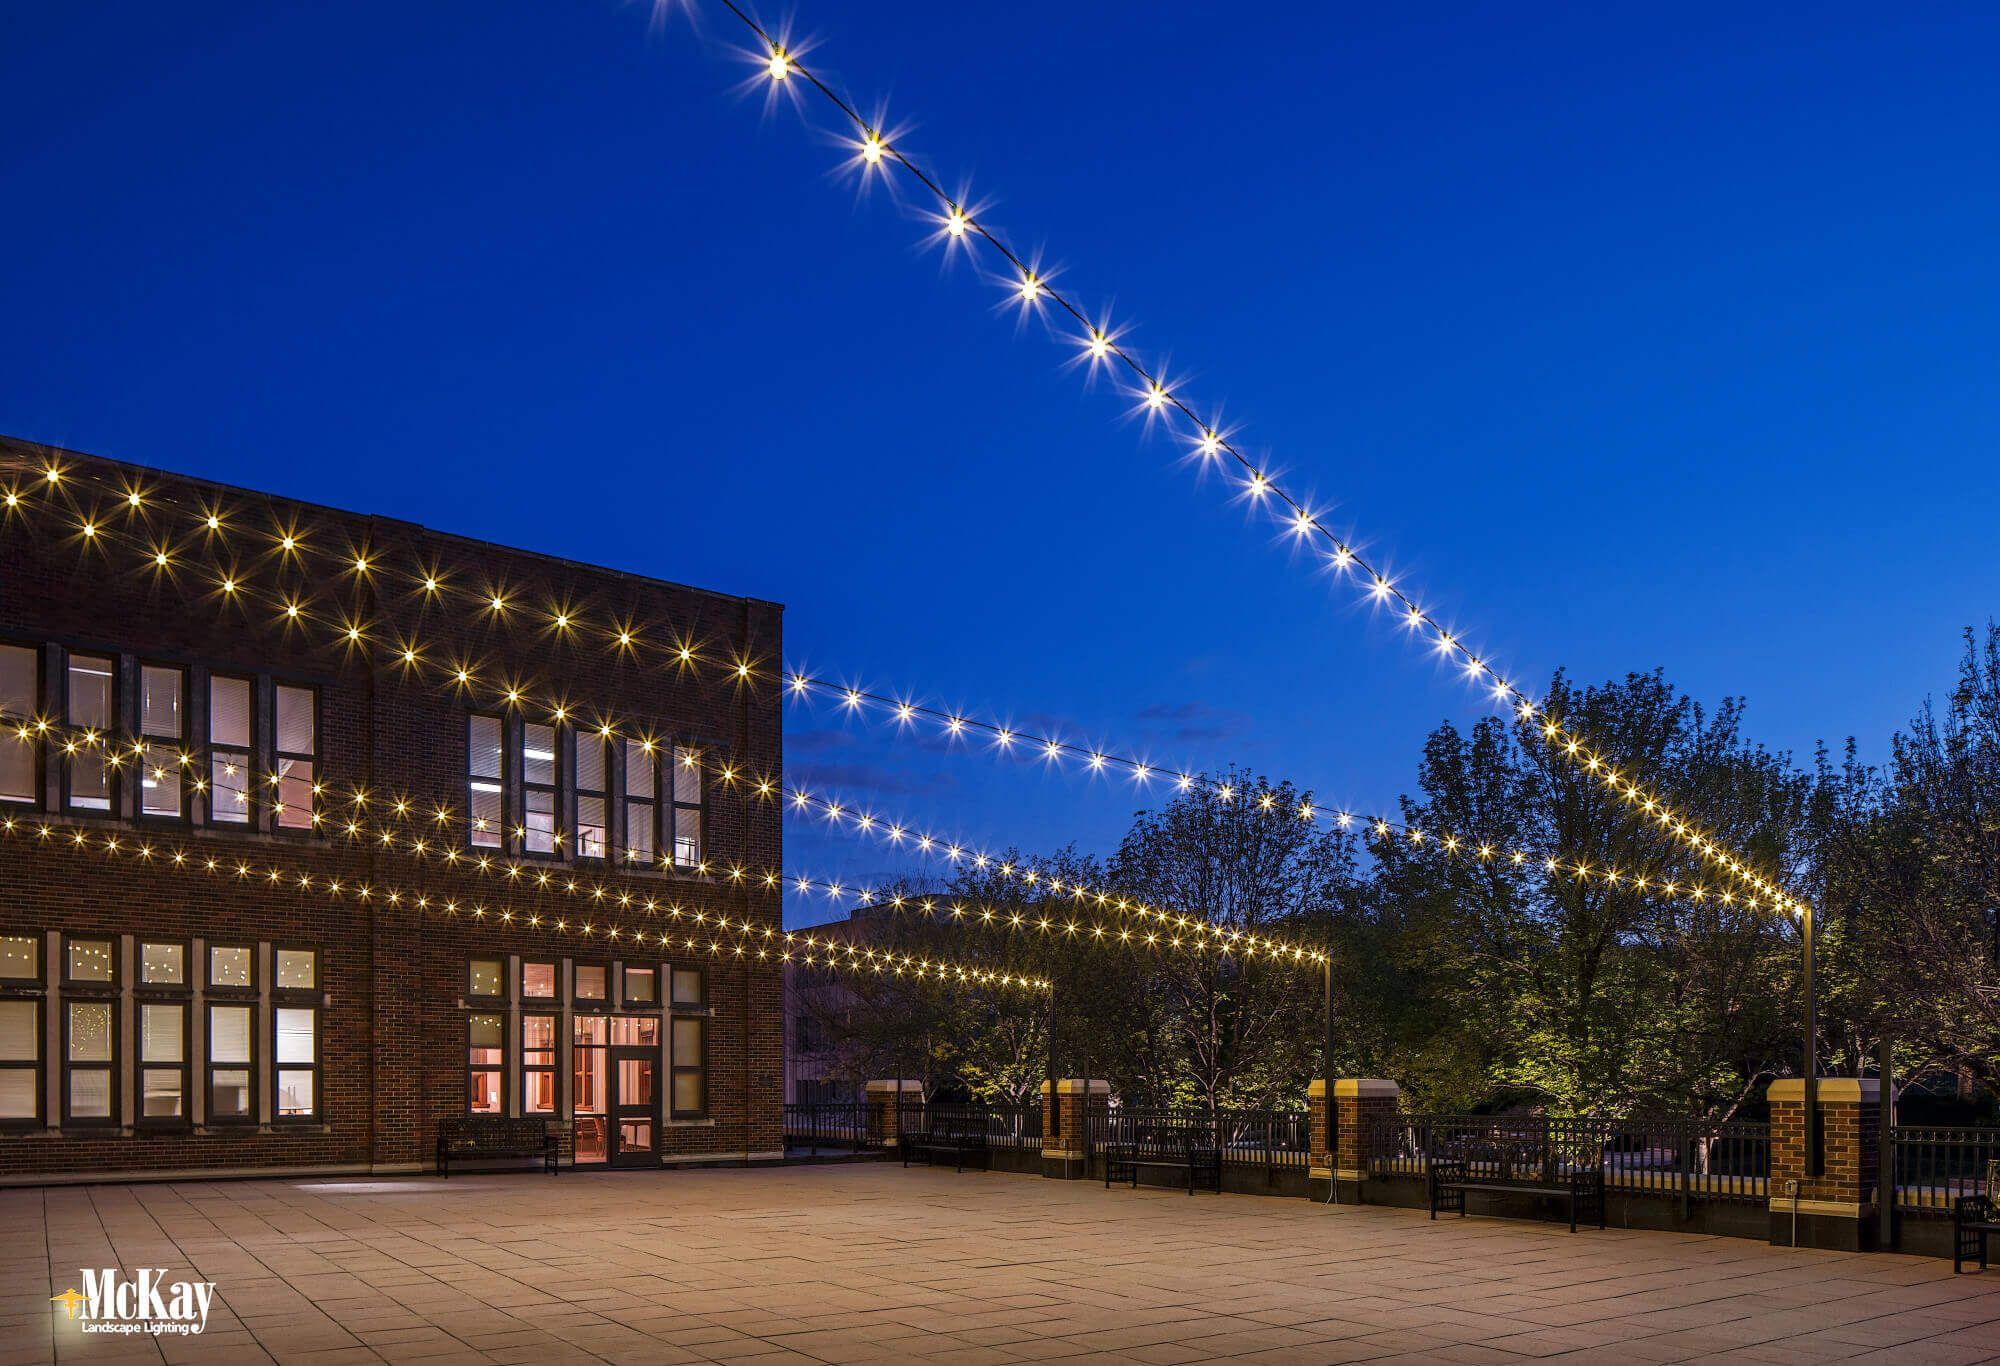 Outdoor Lighting Common Areas Of School